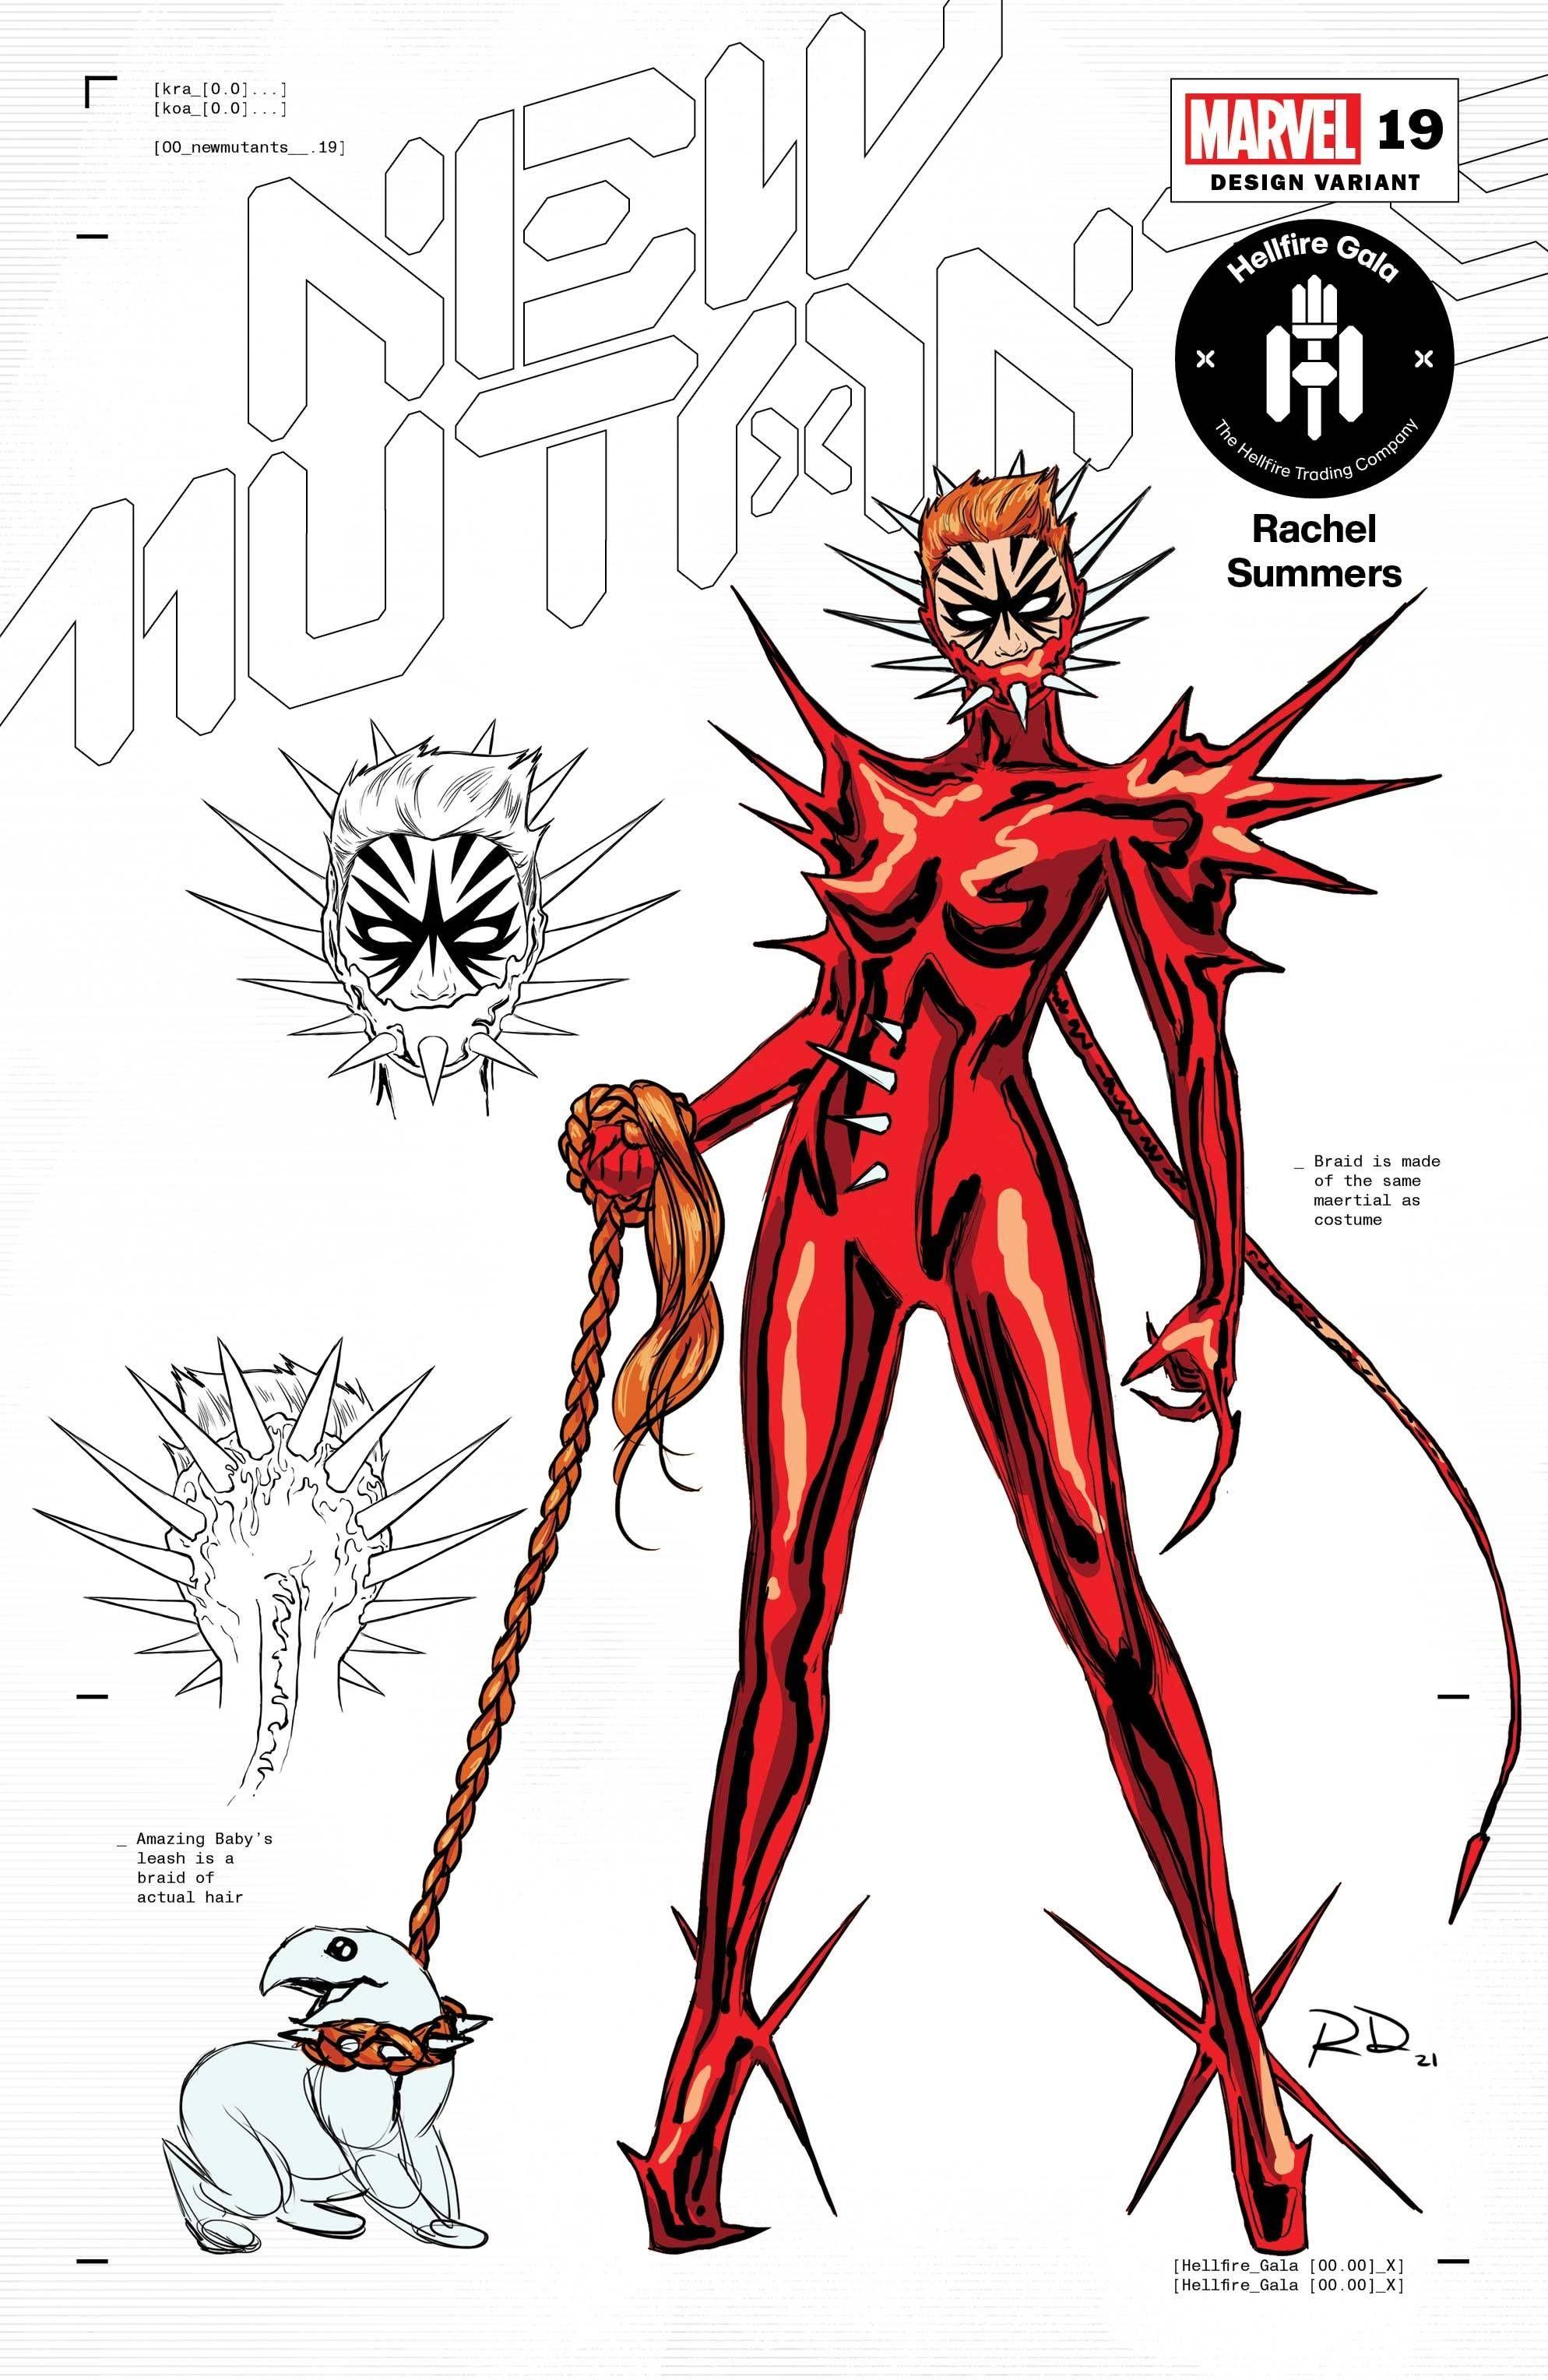 eyJidWNrZXQiOiJnb2NvbGxlY3QuaW1hZ2VzLnB1YiIsImtleSI6IjFlYjY5NWM4LWY4MmUtNDBjOS04NTQzLTY4OTgyMWJhZWRkYS5qcGciLCJlZGl0cyI6W119 ComicList: Marvel Comics New Releases for 06/16/2021